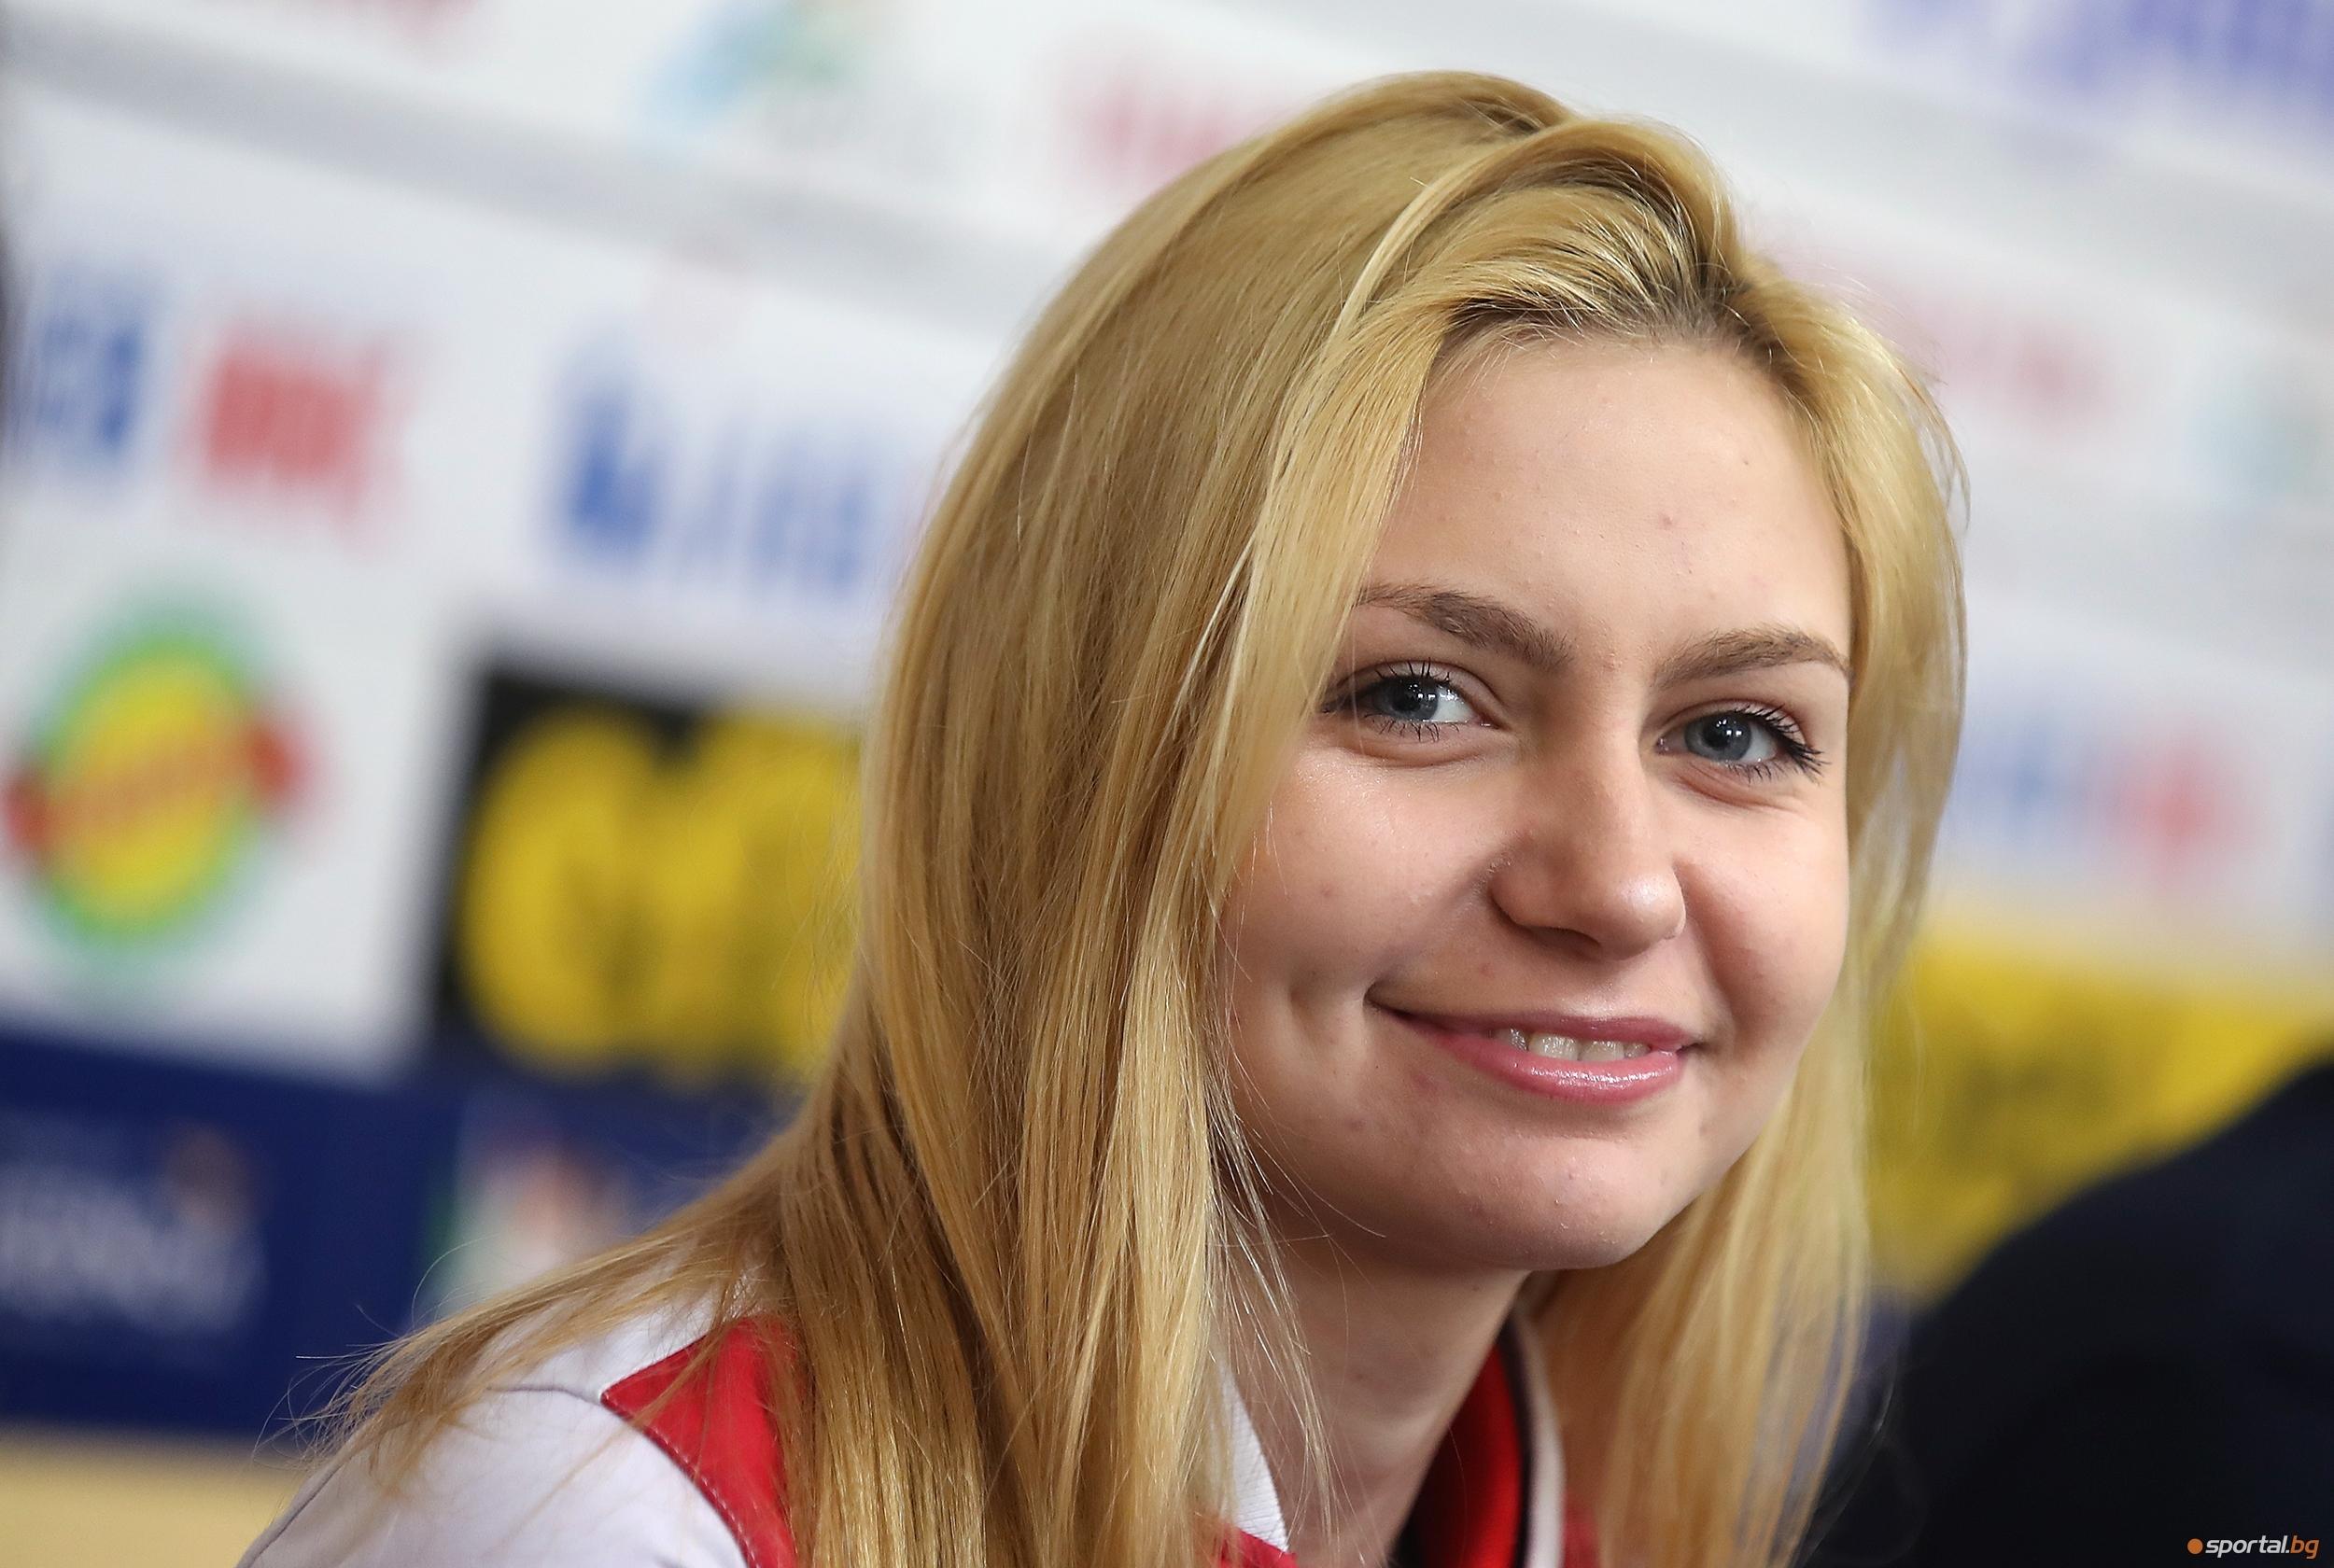 18-годишната Йоана Илиева прави чудеса във фехтовката. Тя стана европейска